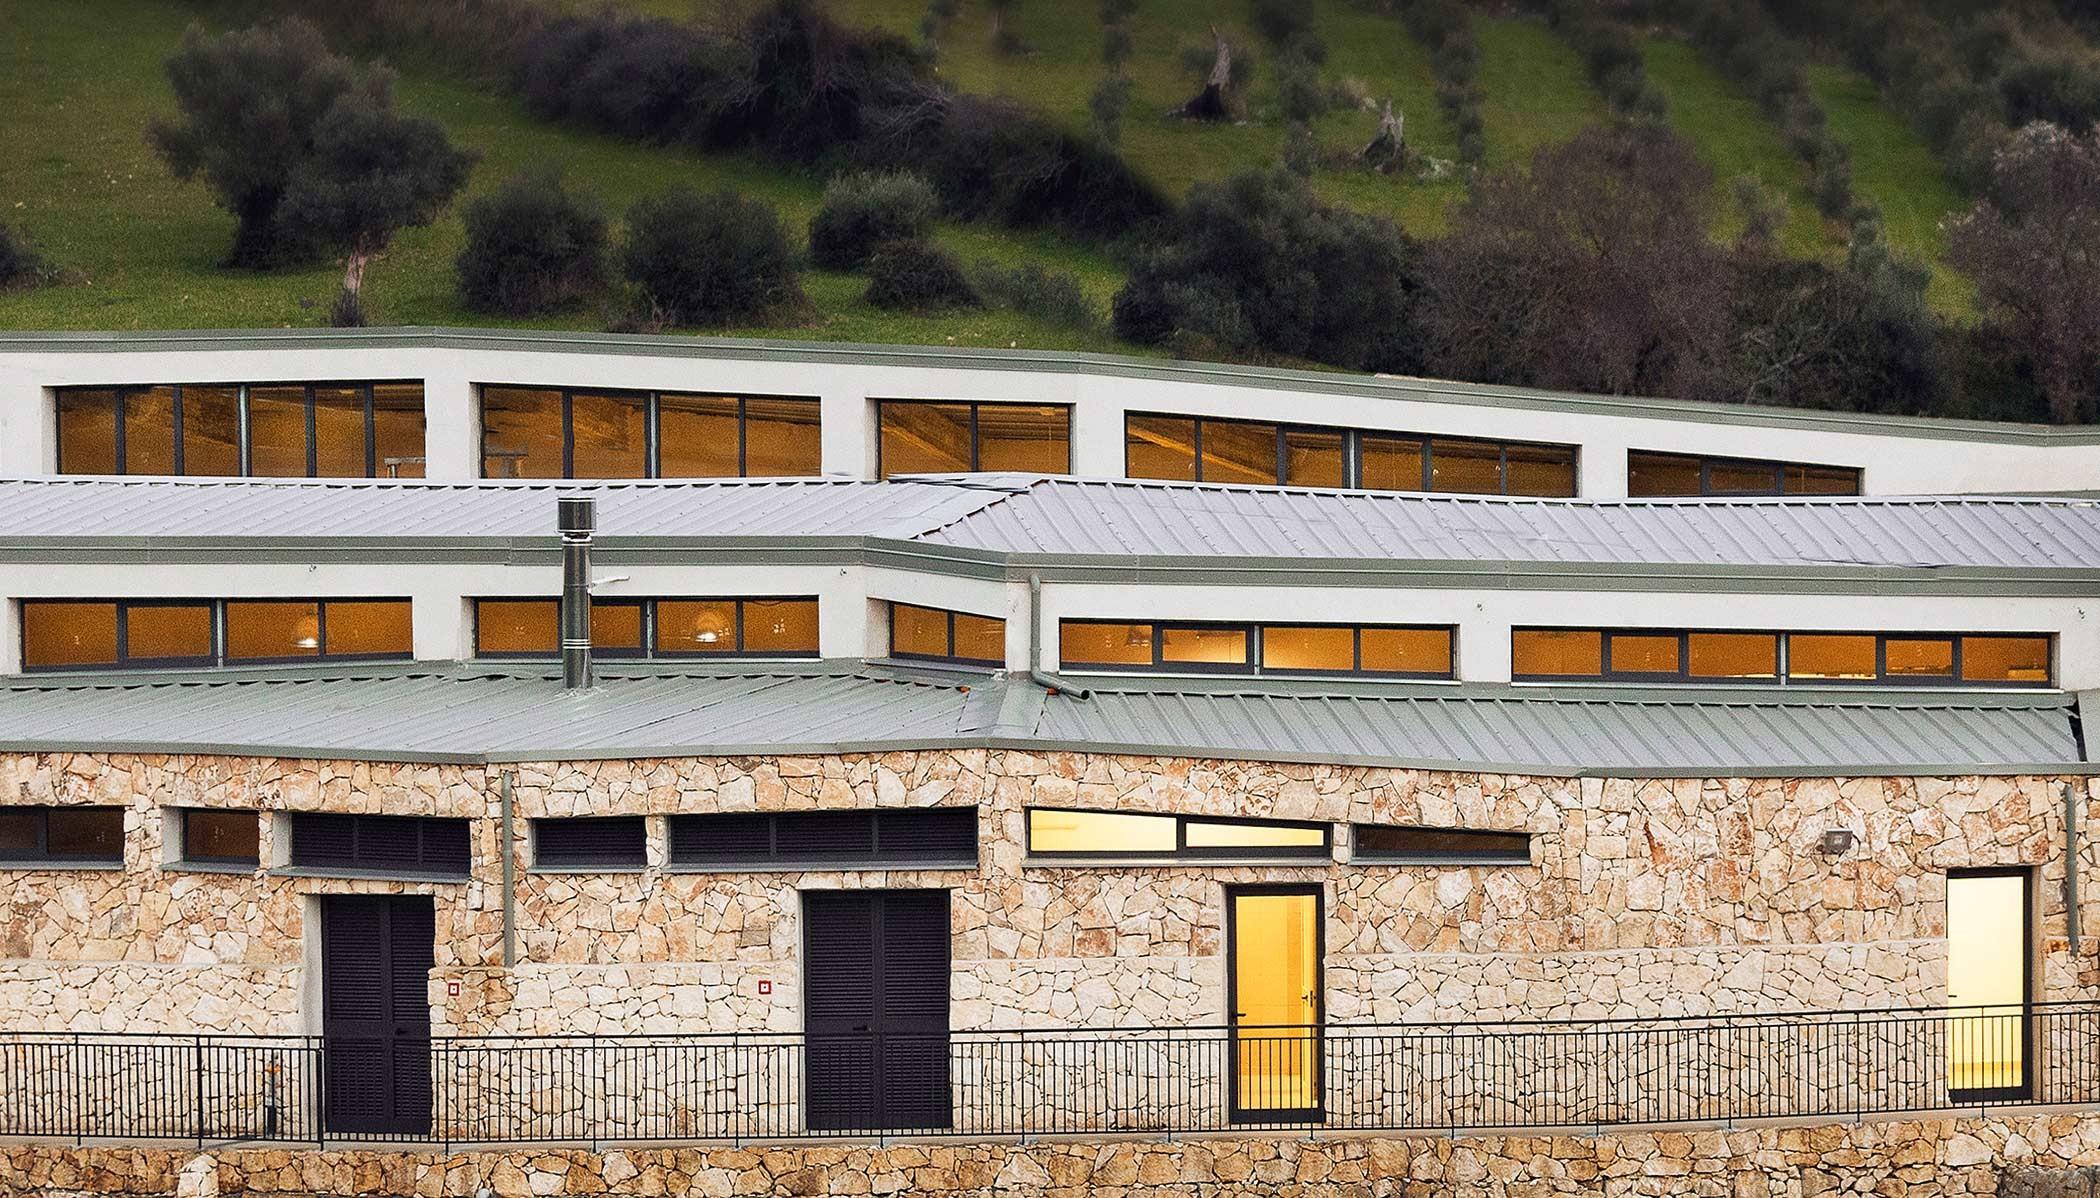 Arch. Andrea Cutrale - Matattoio, Palazzolo Acreide